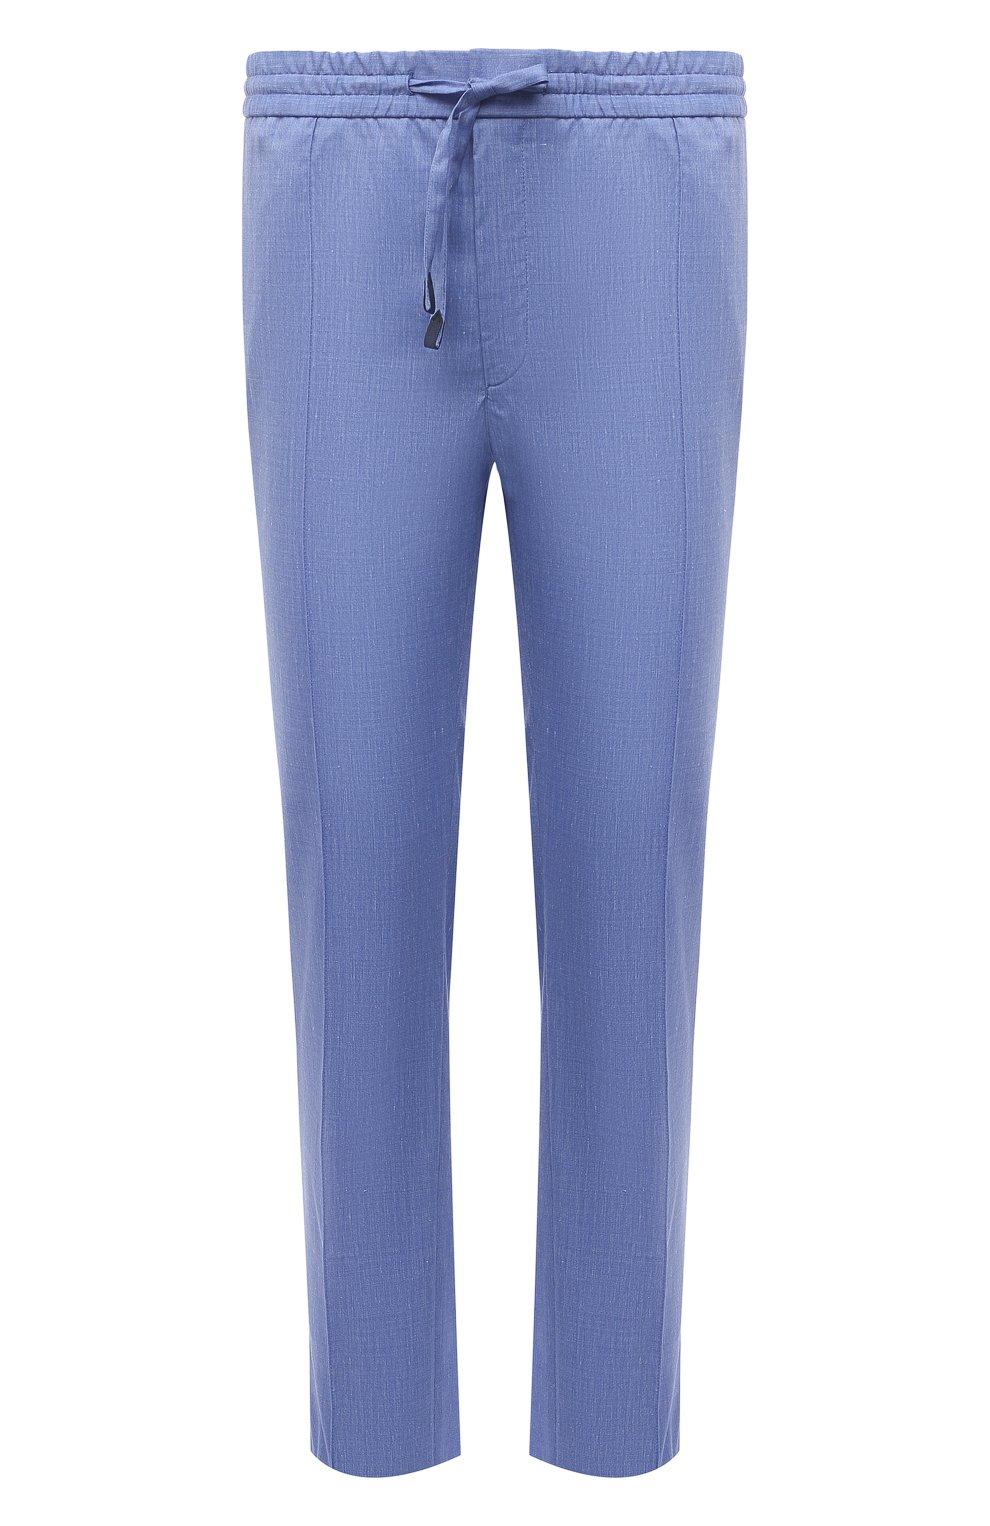 Мужские брюки из шерсти и льна BRIONI голубого цвета, арт. RPM20L/P9AB9/NEW SIDNEY   Фото 1 (Материал внешний: Шерсть; Длина (брюки, джинсы): Стандартные; Случай: Повседневный; Стили: Кэжуэл)